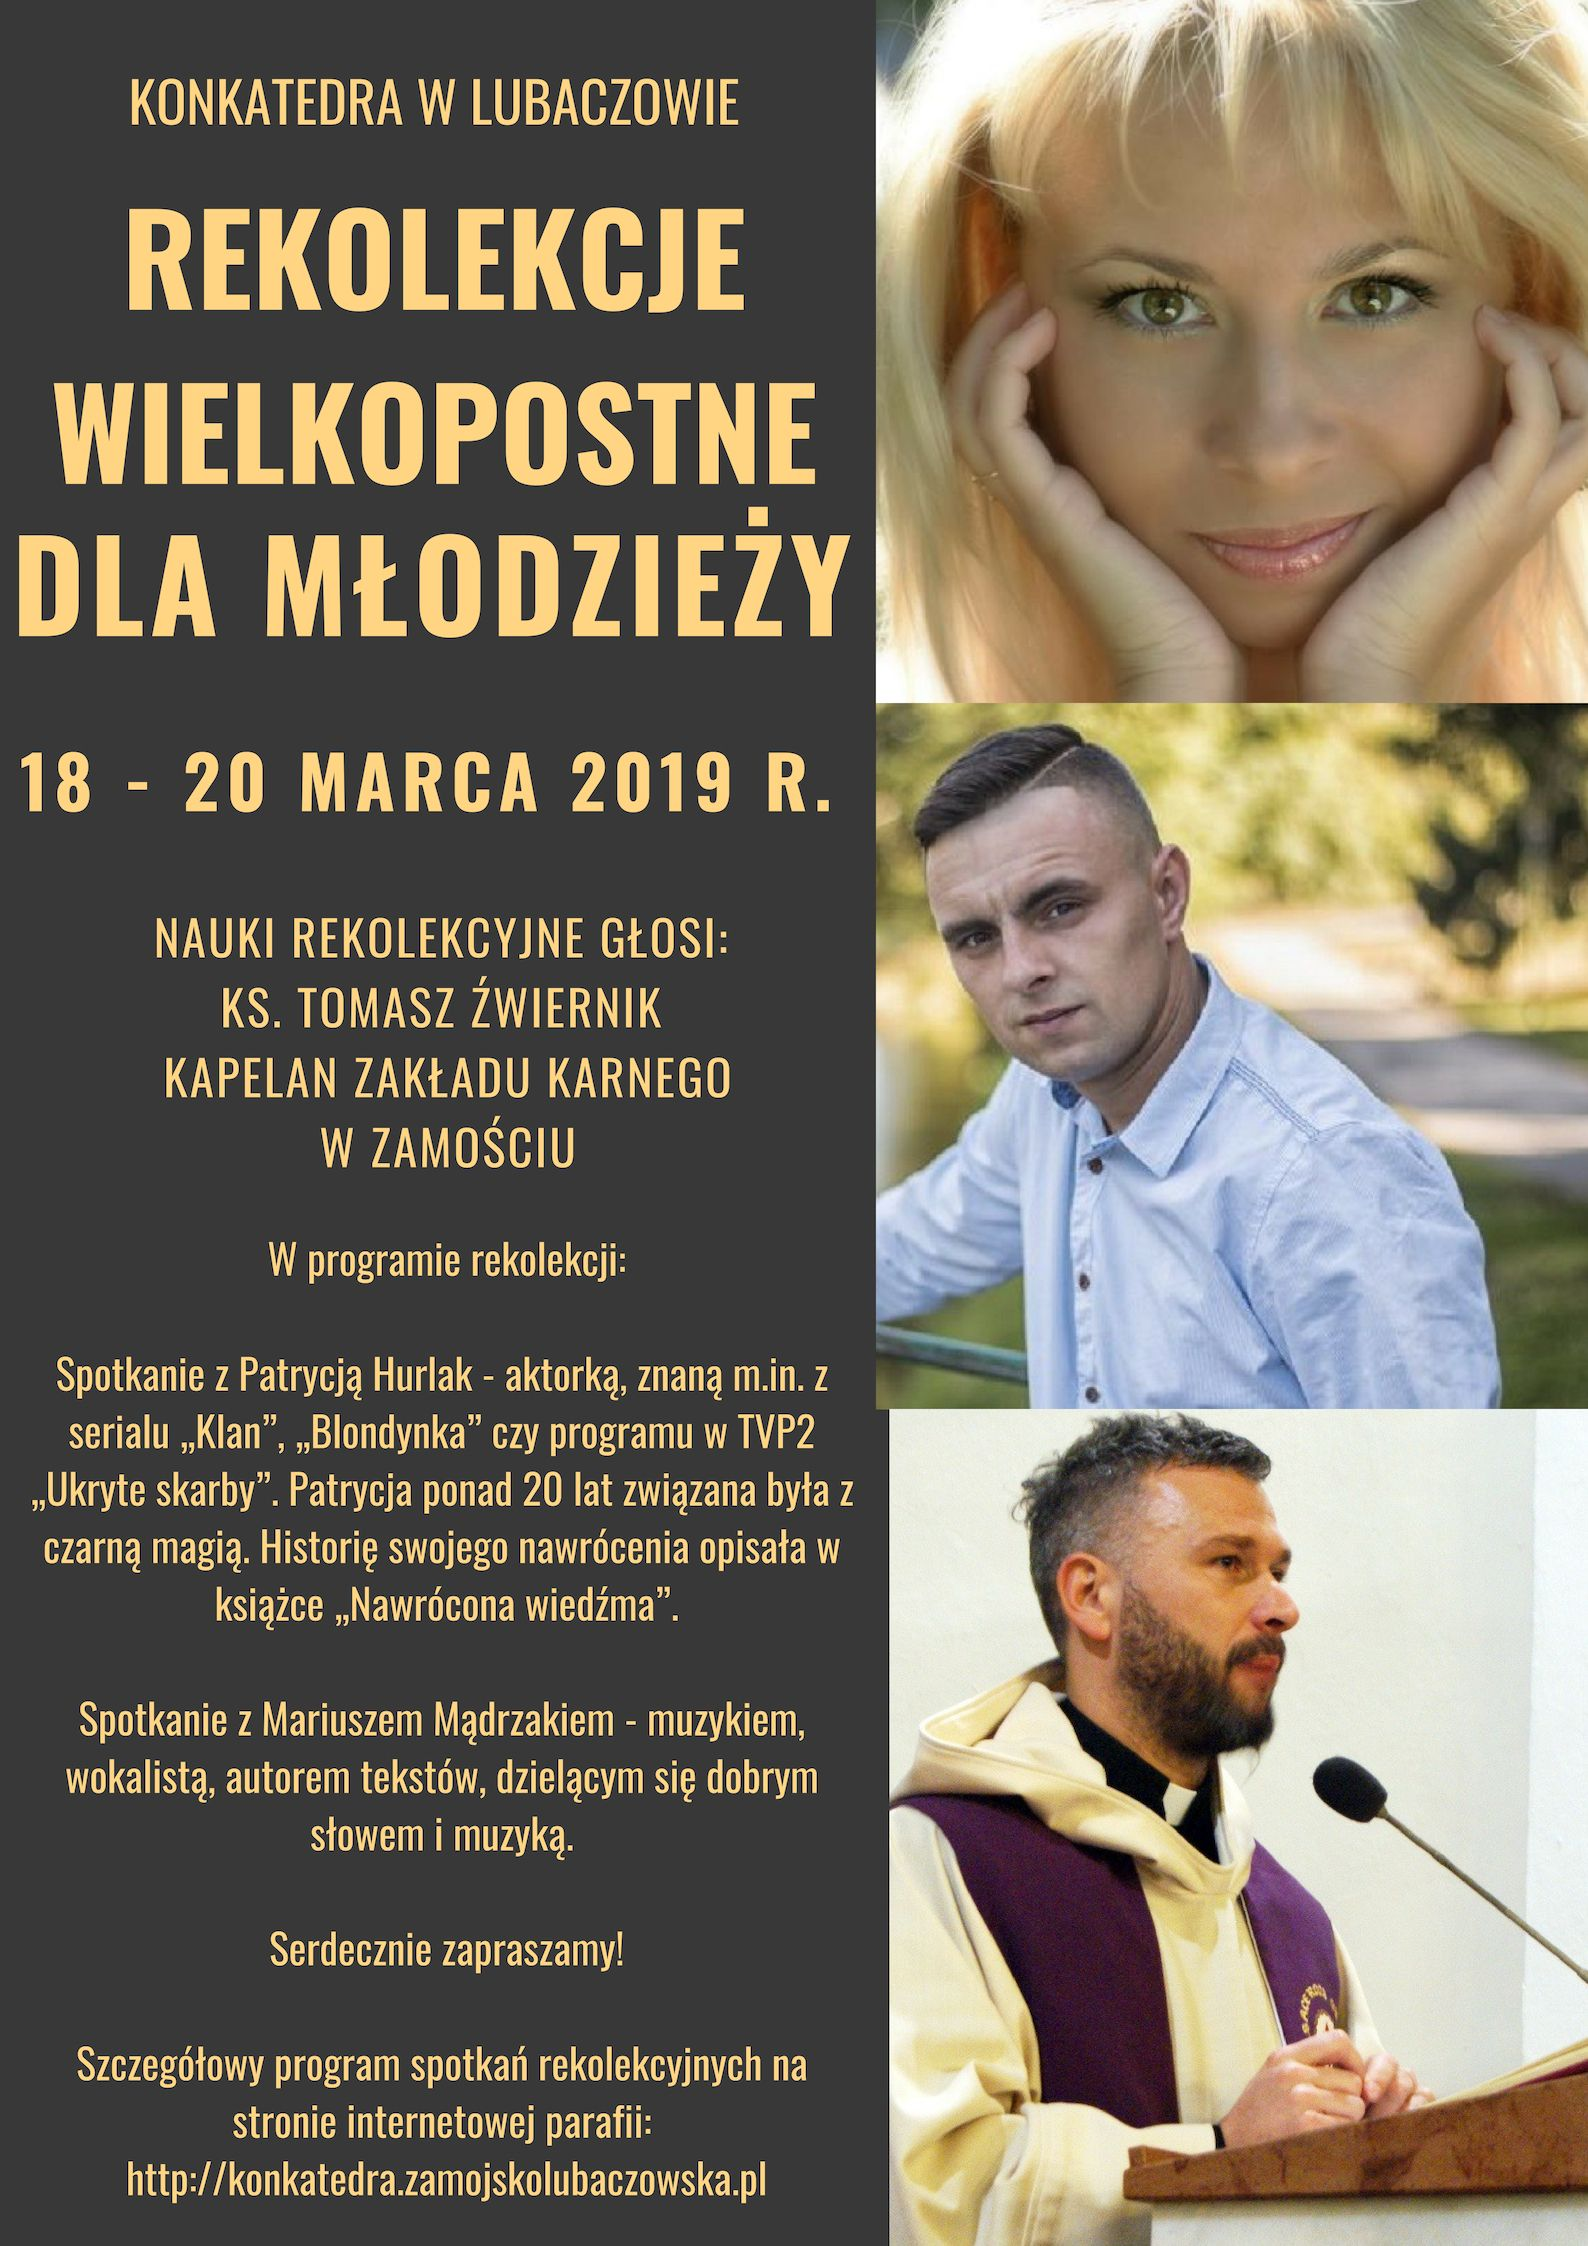 Rekolekcje Wielkopostne dla uczniów LO, ZS, JPII, Sz.P. Nr 2 w Lubaczowie.